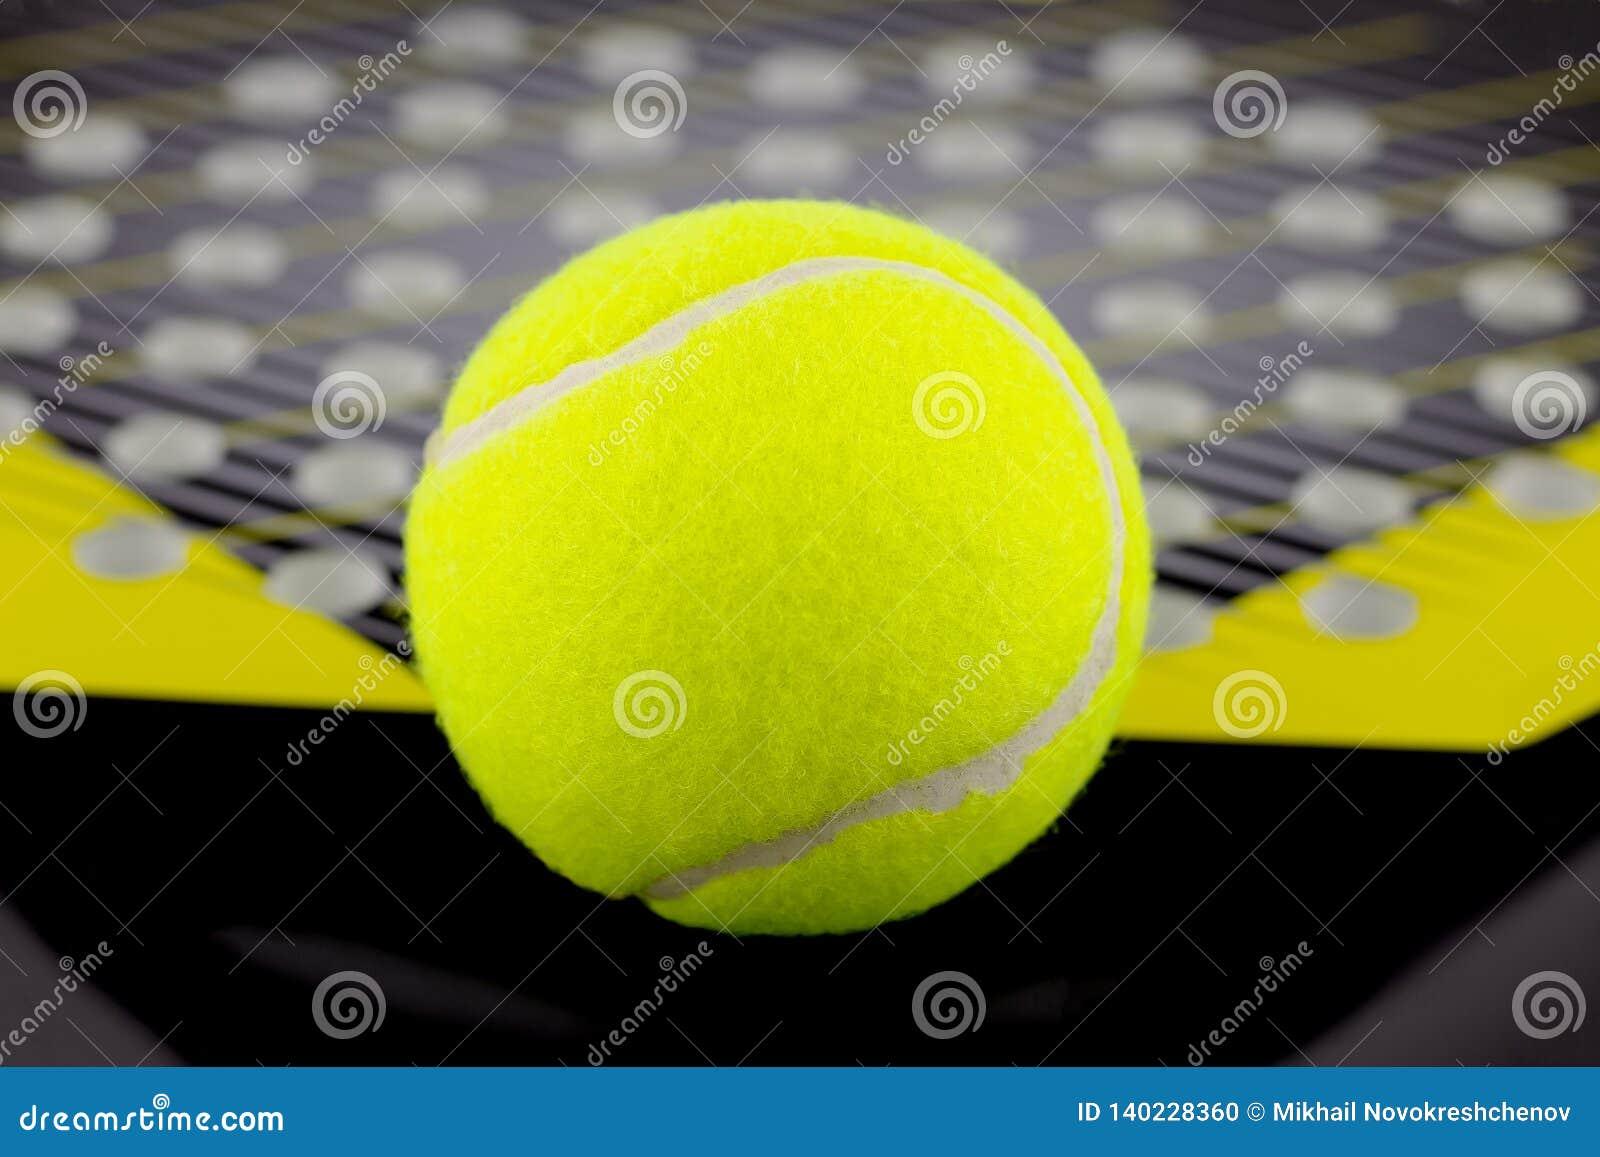 De tennisbal ligt op een racket voor het spelen van strandtennis